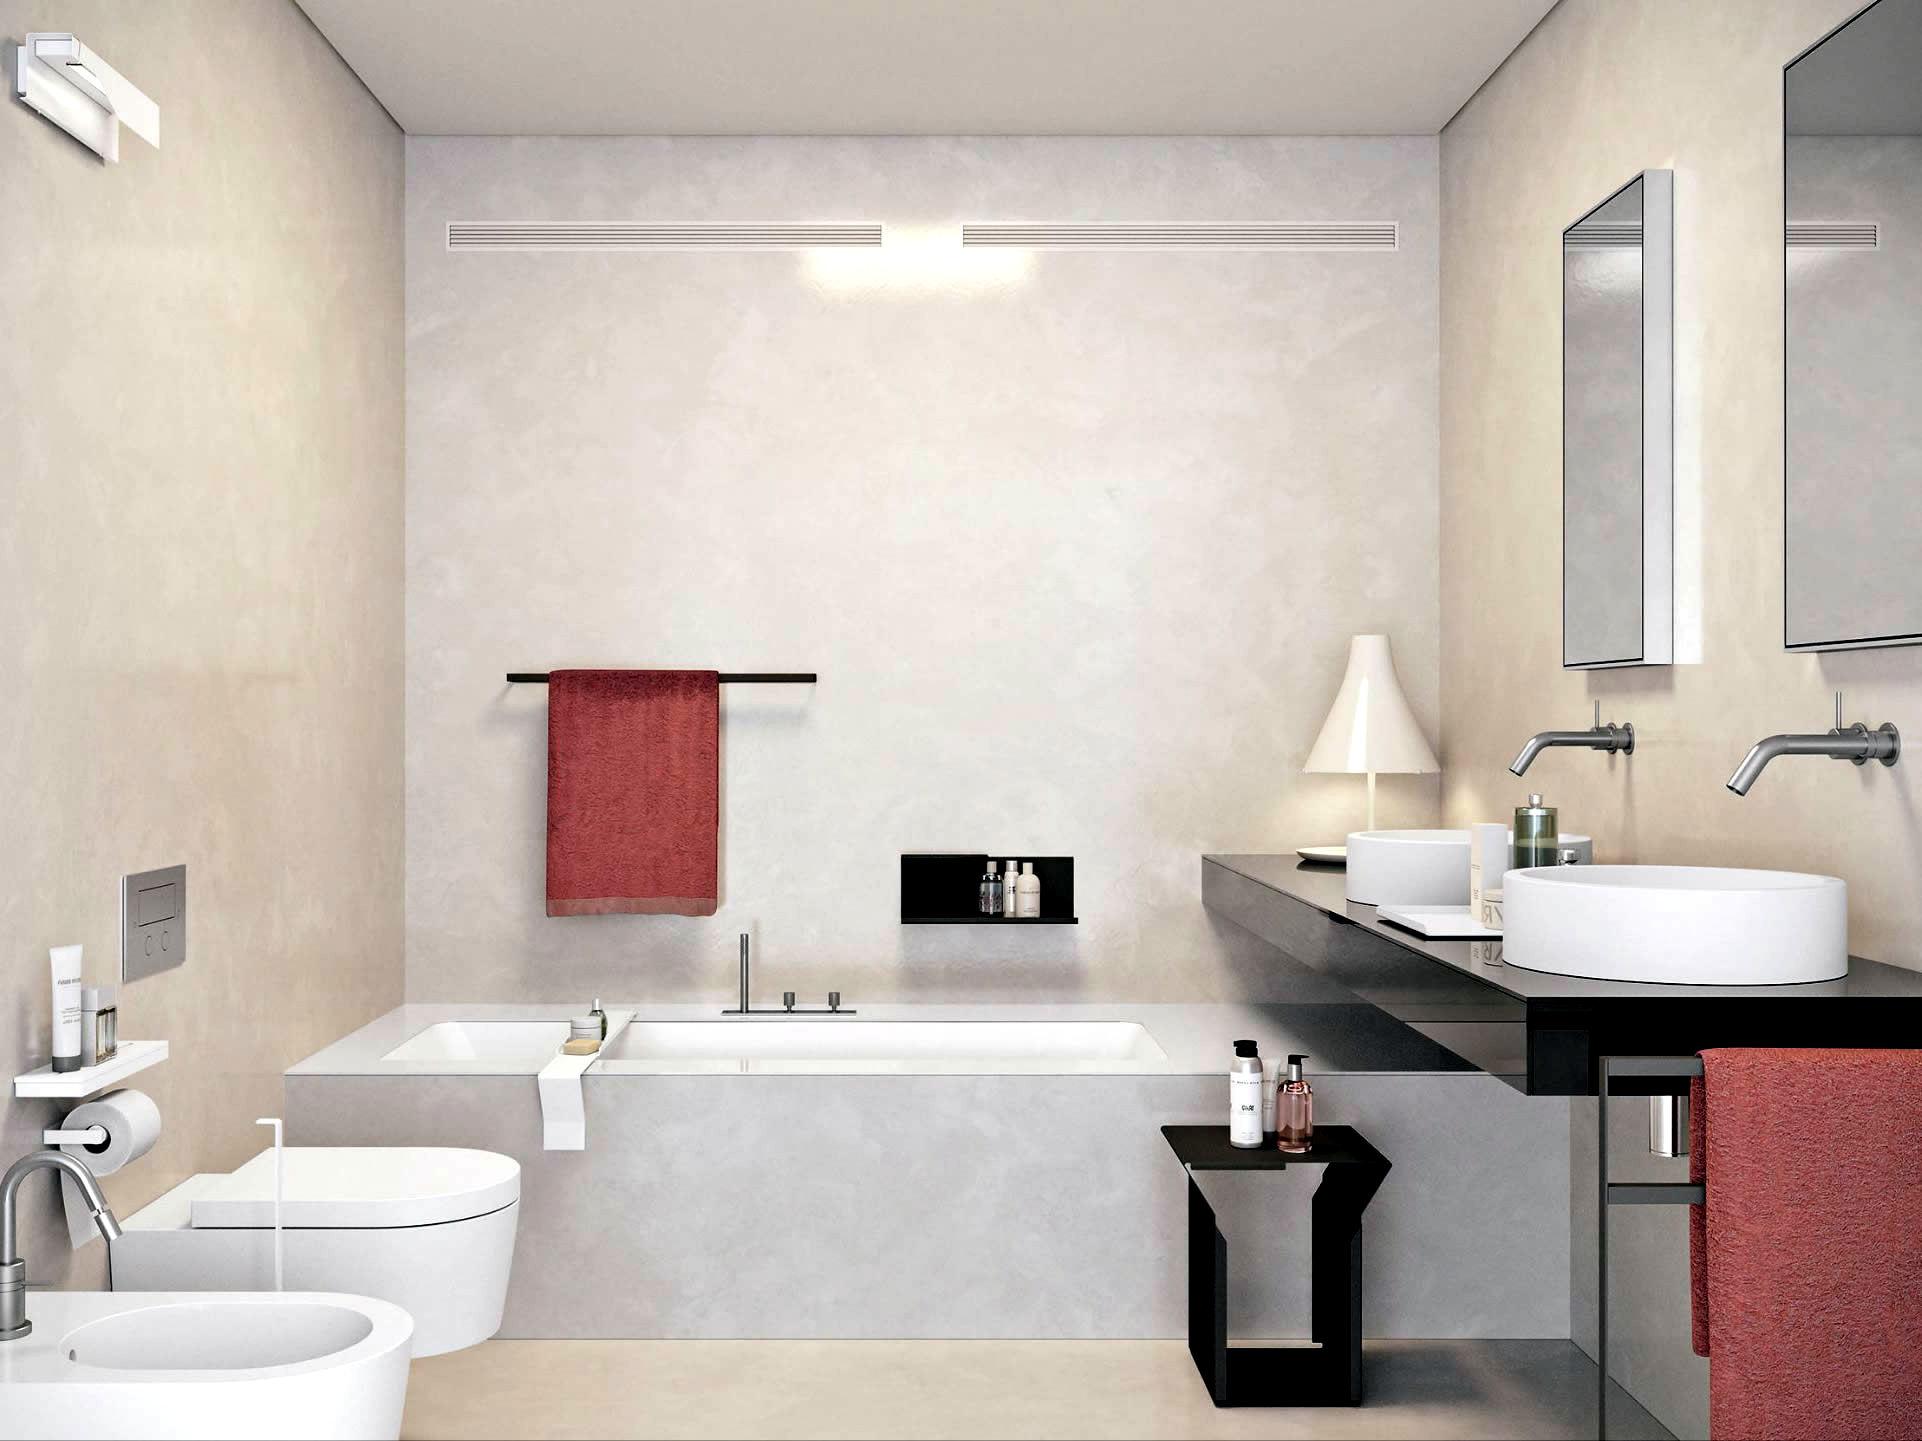 Modern Builtin bath tub with space saving design